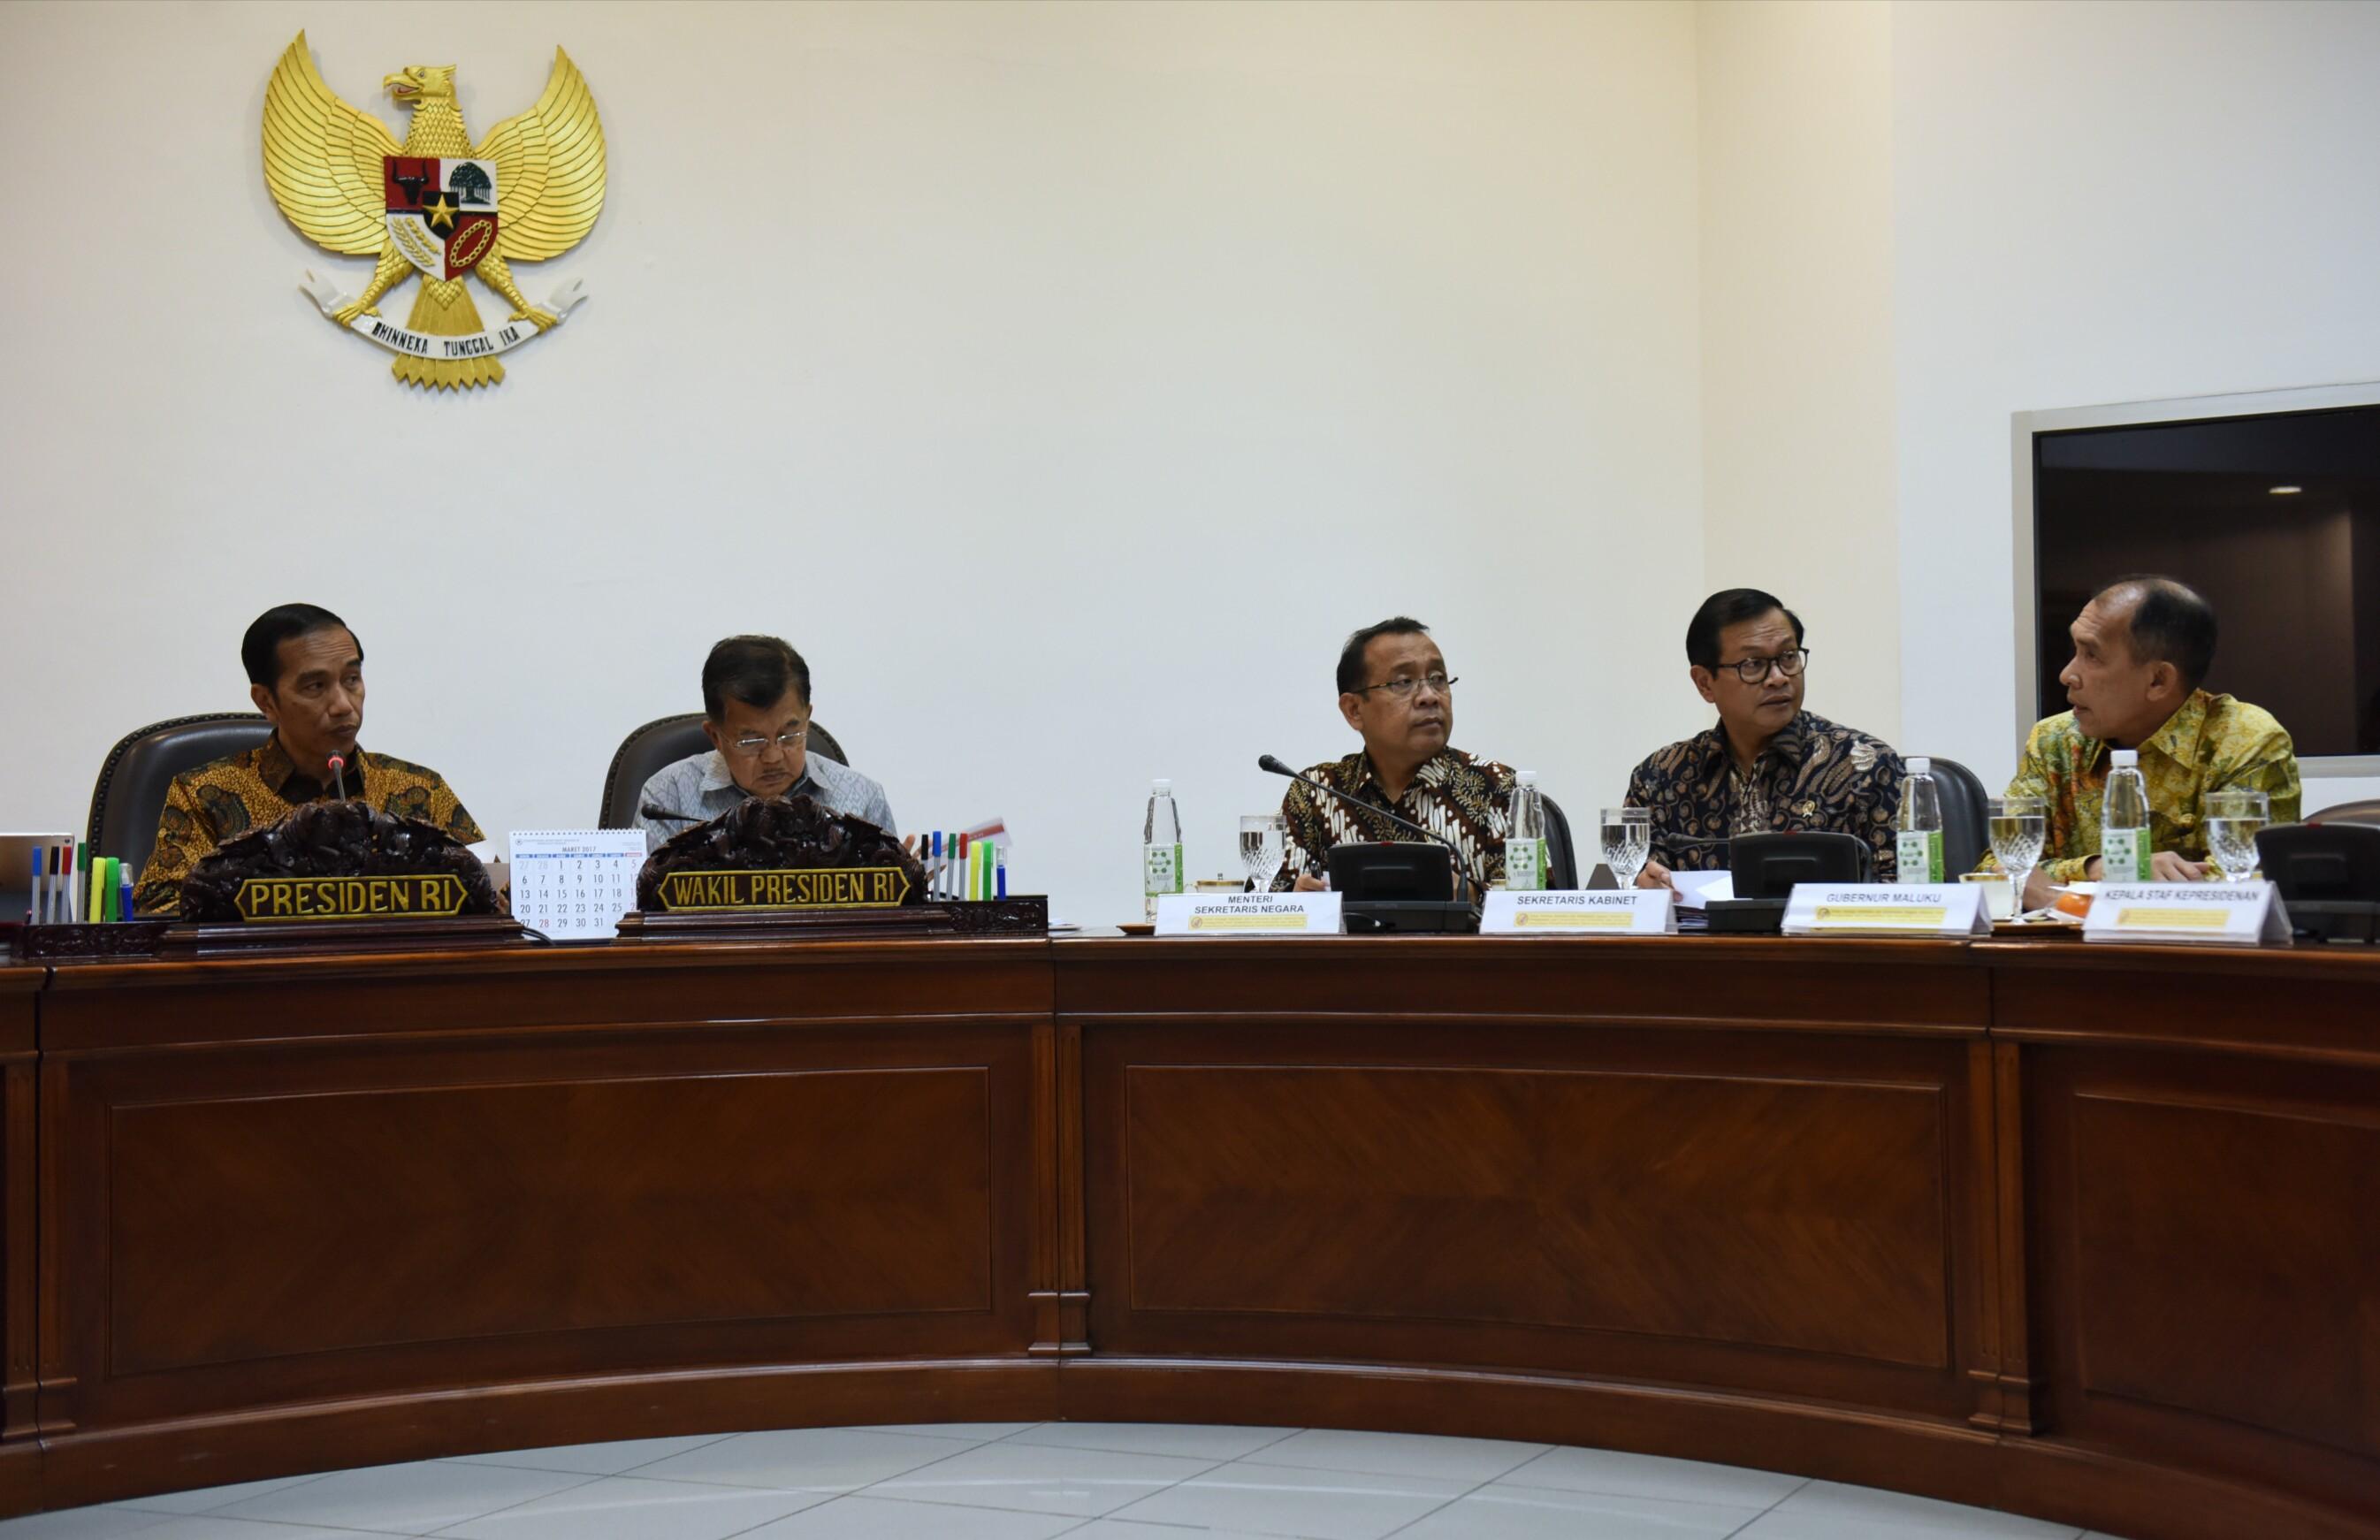 Gubernur Maluku Said Assagaff (batik kuning) mengikuti rapat terbatas yang dipimpin oleh Presiden Jokowi, di Kantor Presiden, Jakarta, Selasa (21/2) siang. (Foto: Deny S/Humas)